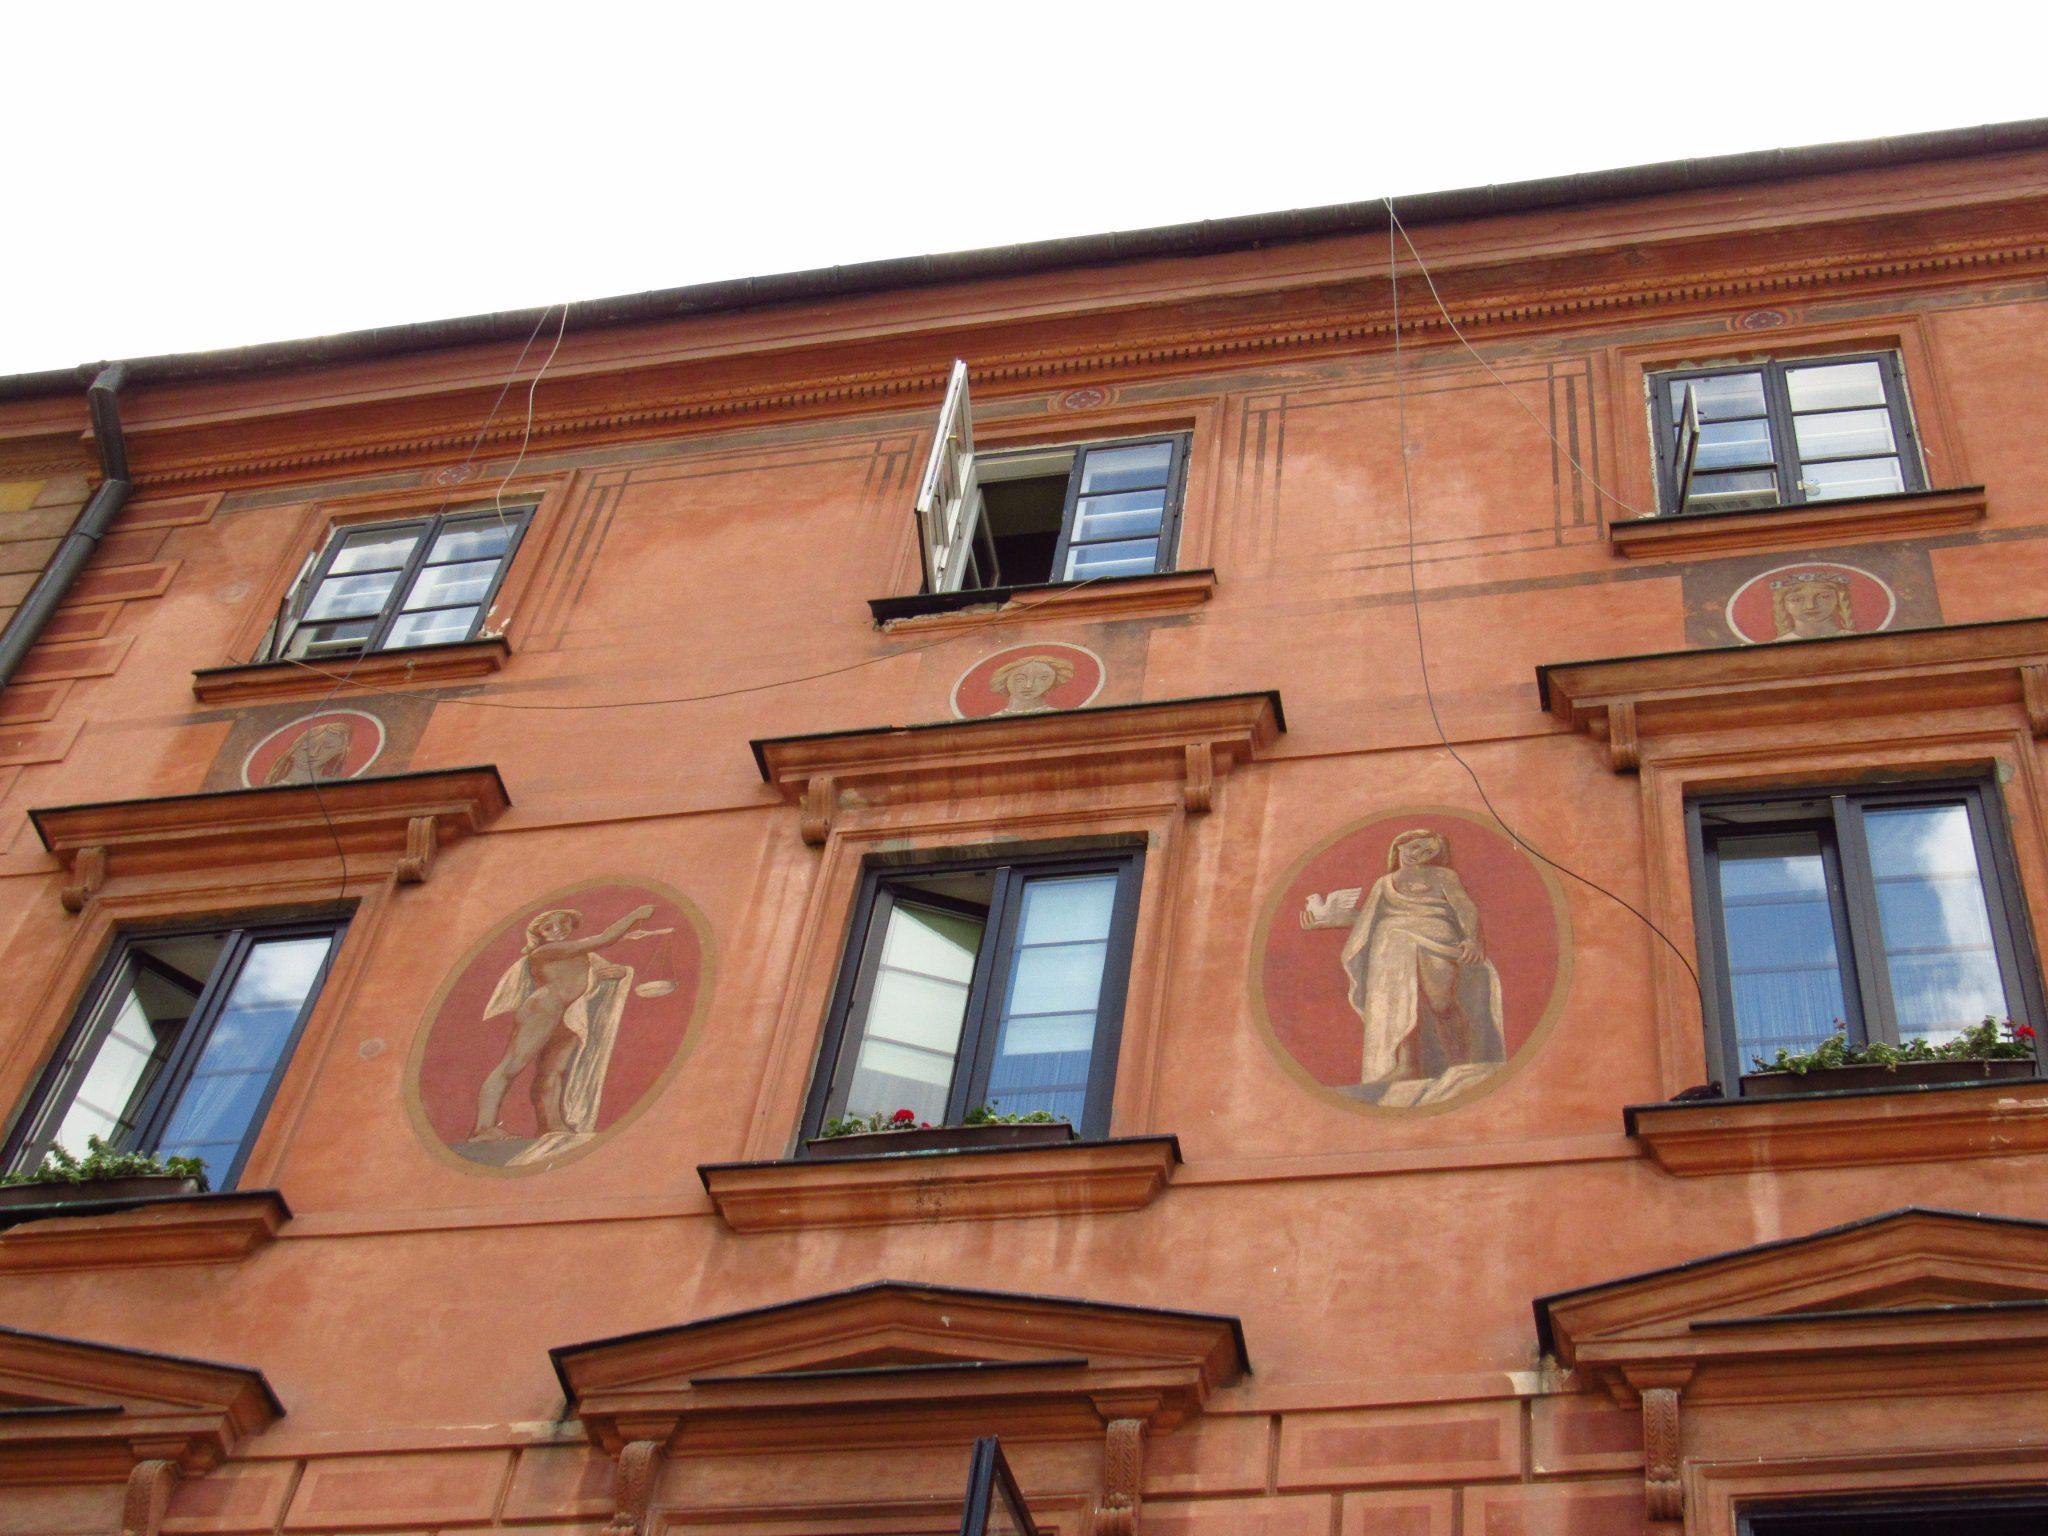 Building facade, Warsaw